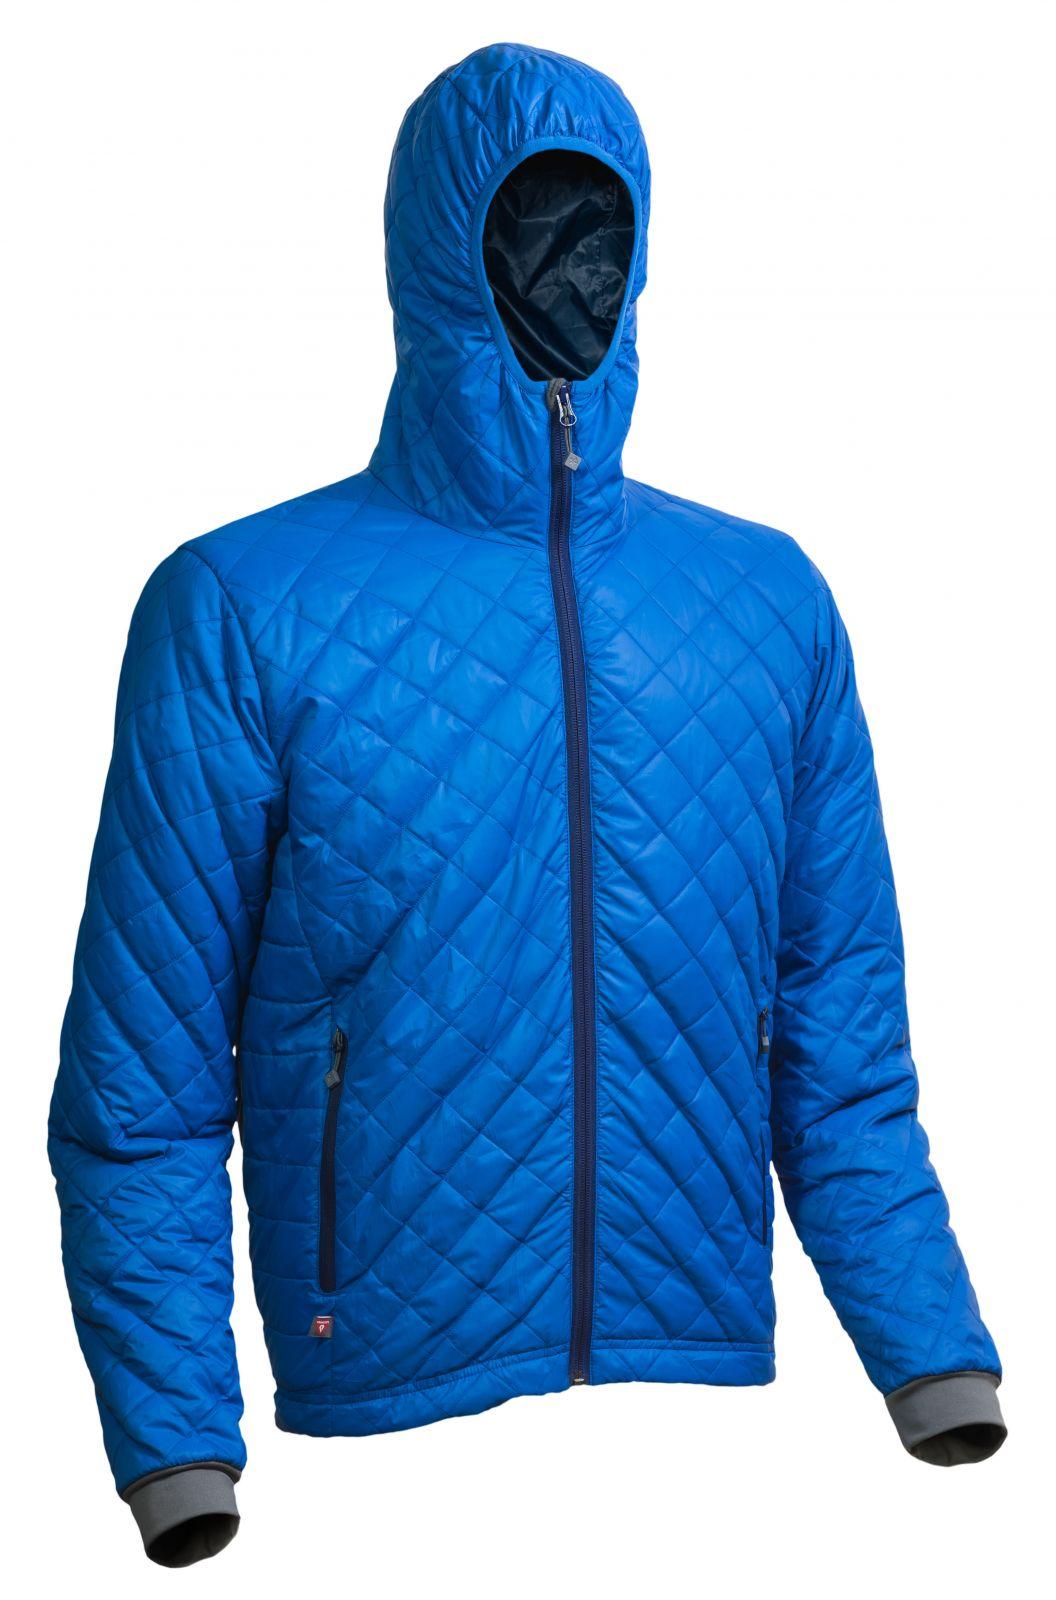 Outdoorix - Warmpeace Spirit royal blue / navy pánská bunda zateplená PrimaLoftem